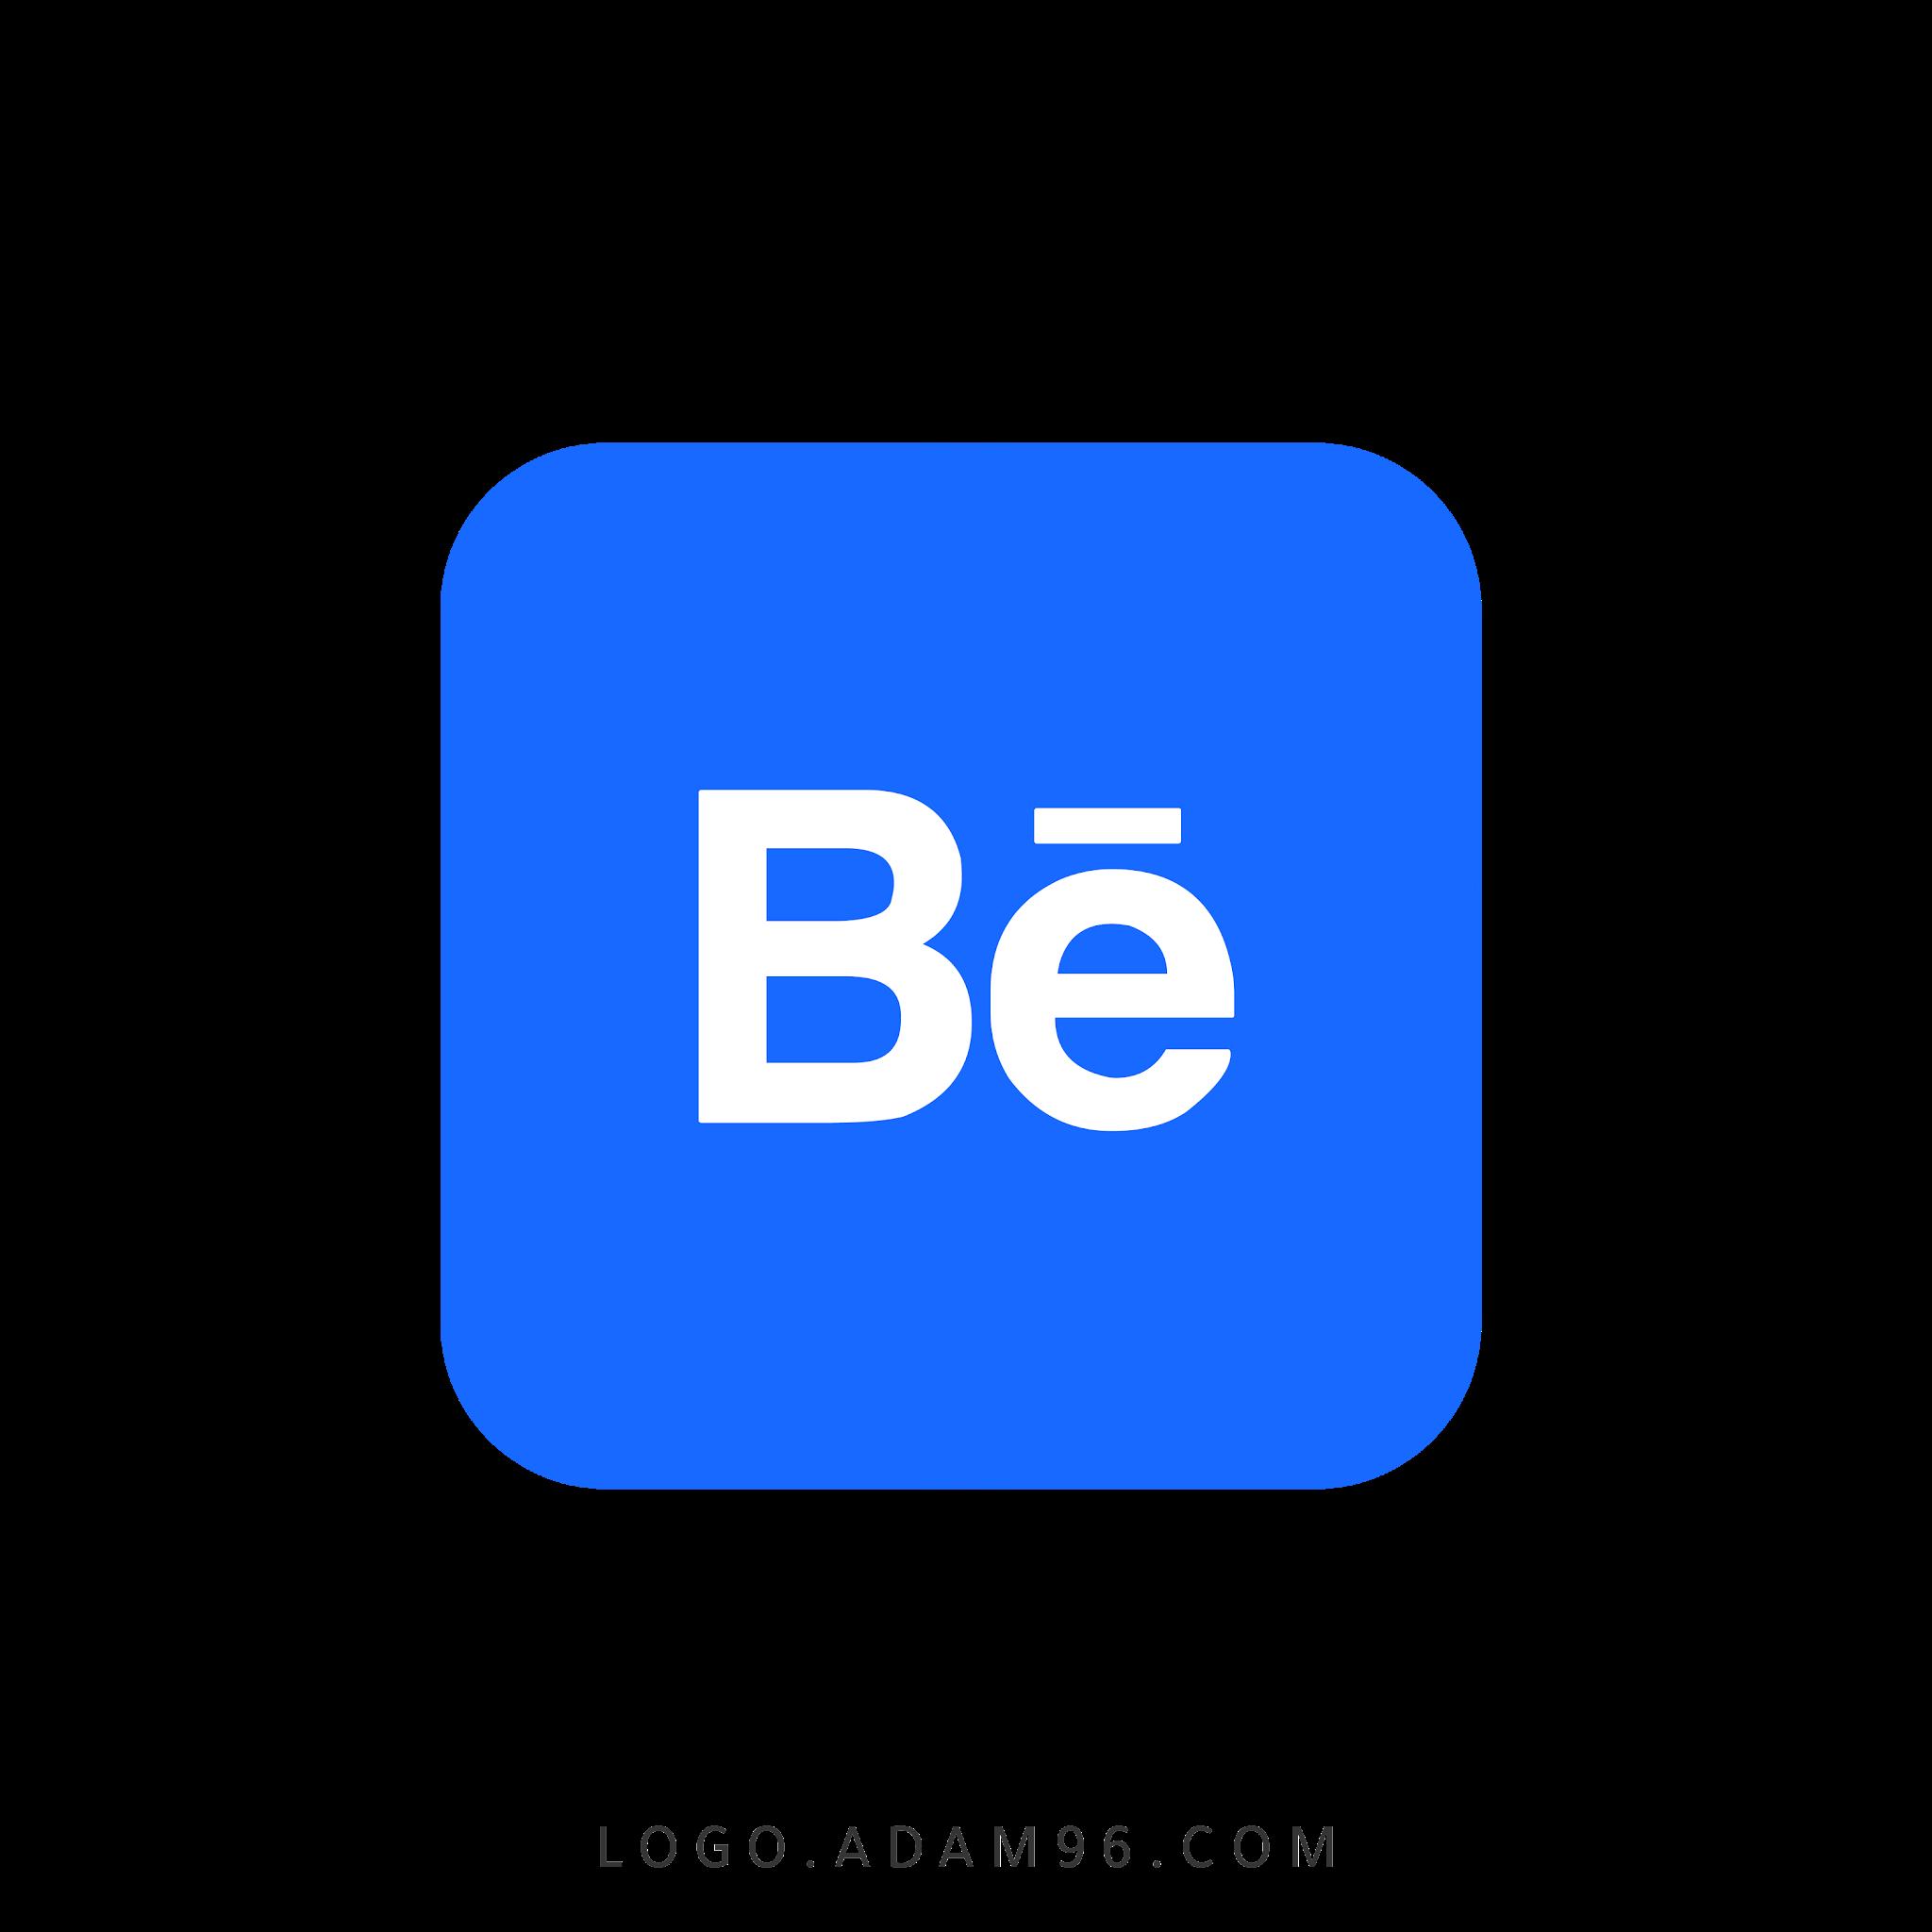 تحميل ايقونة موقع بيهانس شفافة   Logo Behance Png